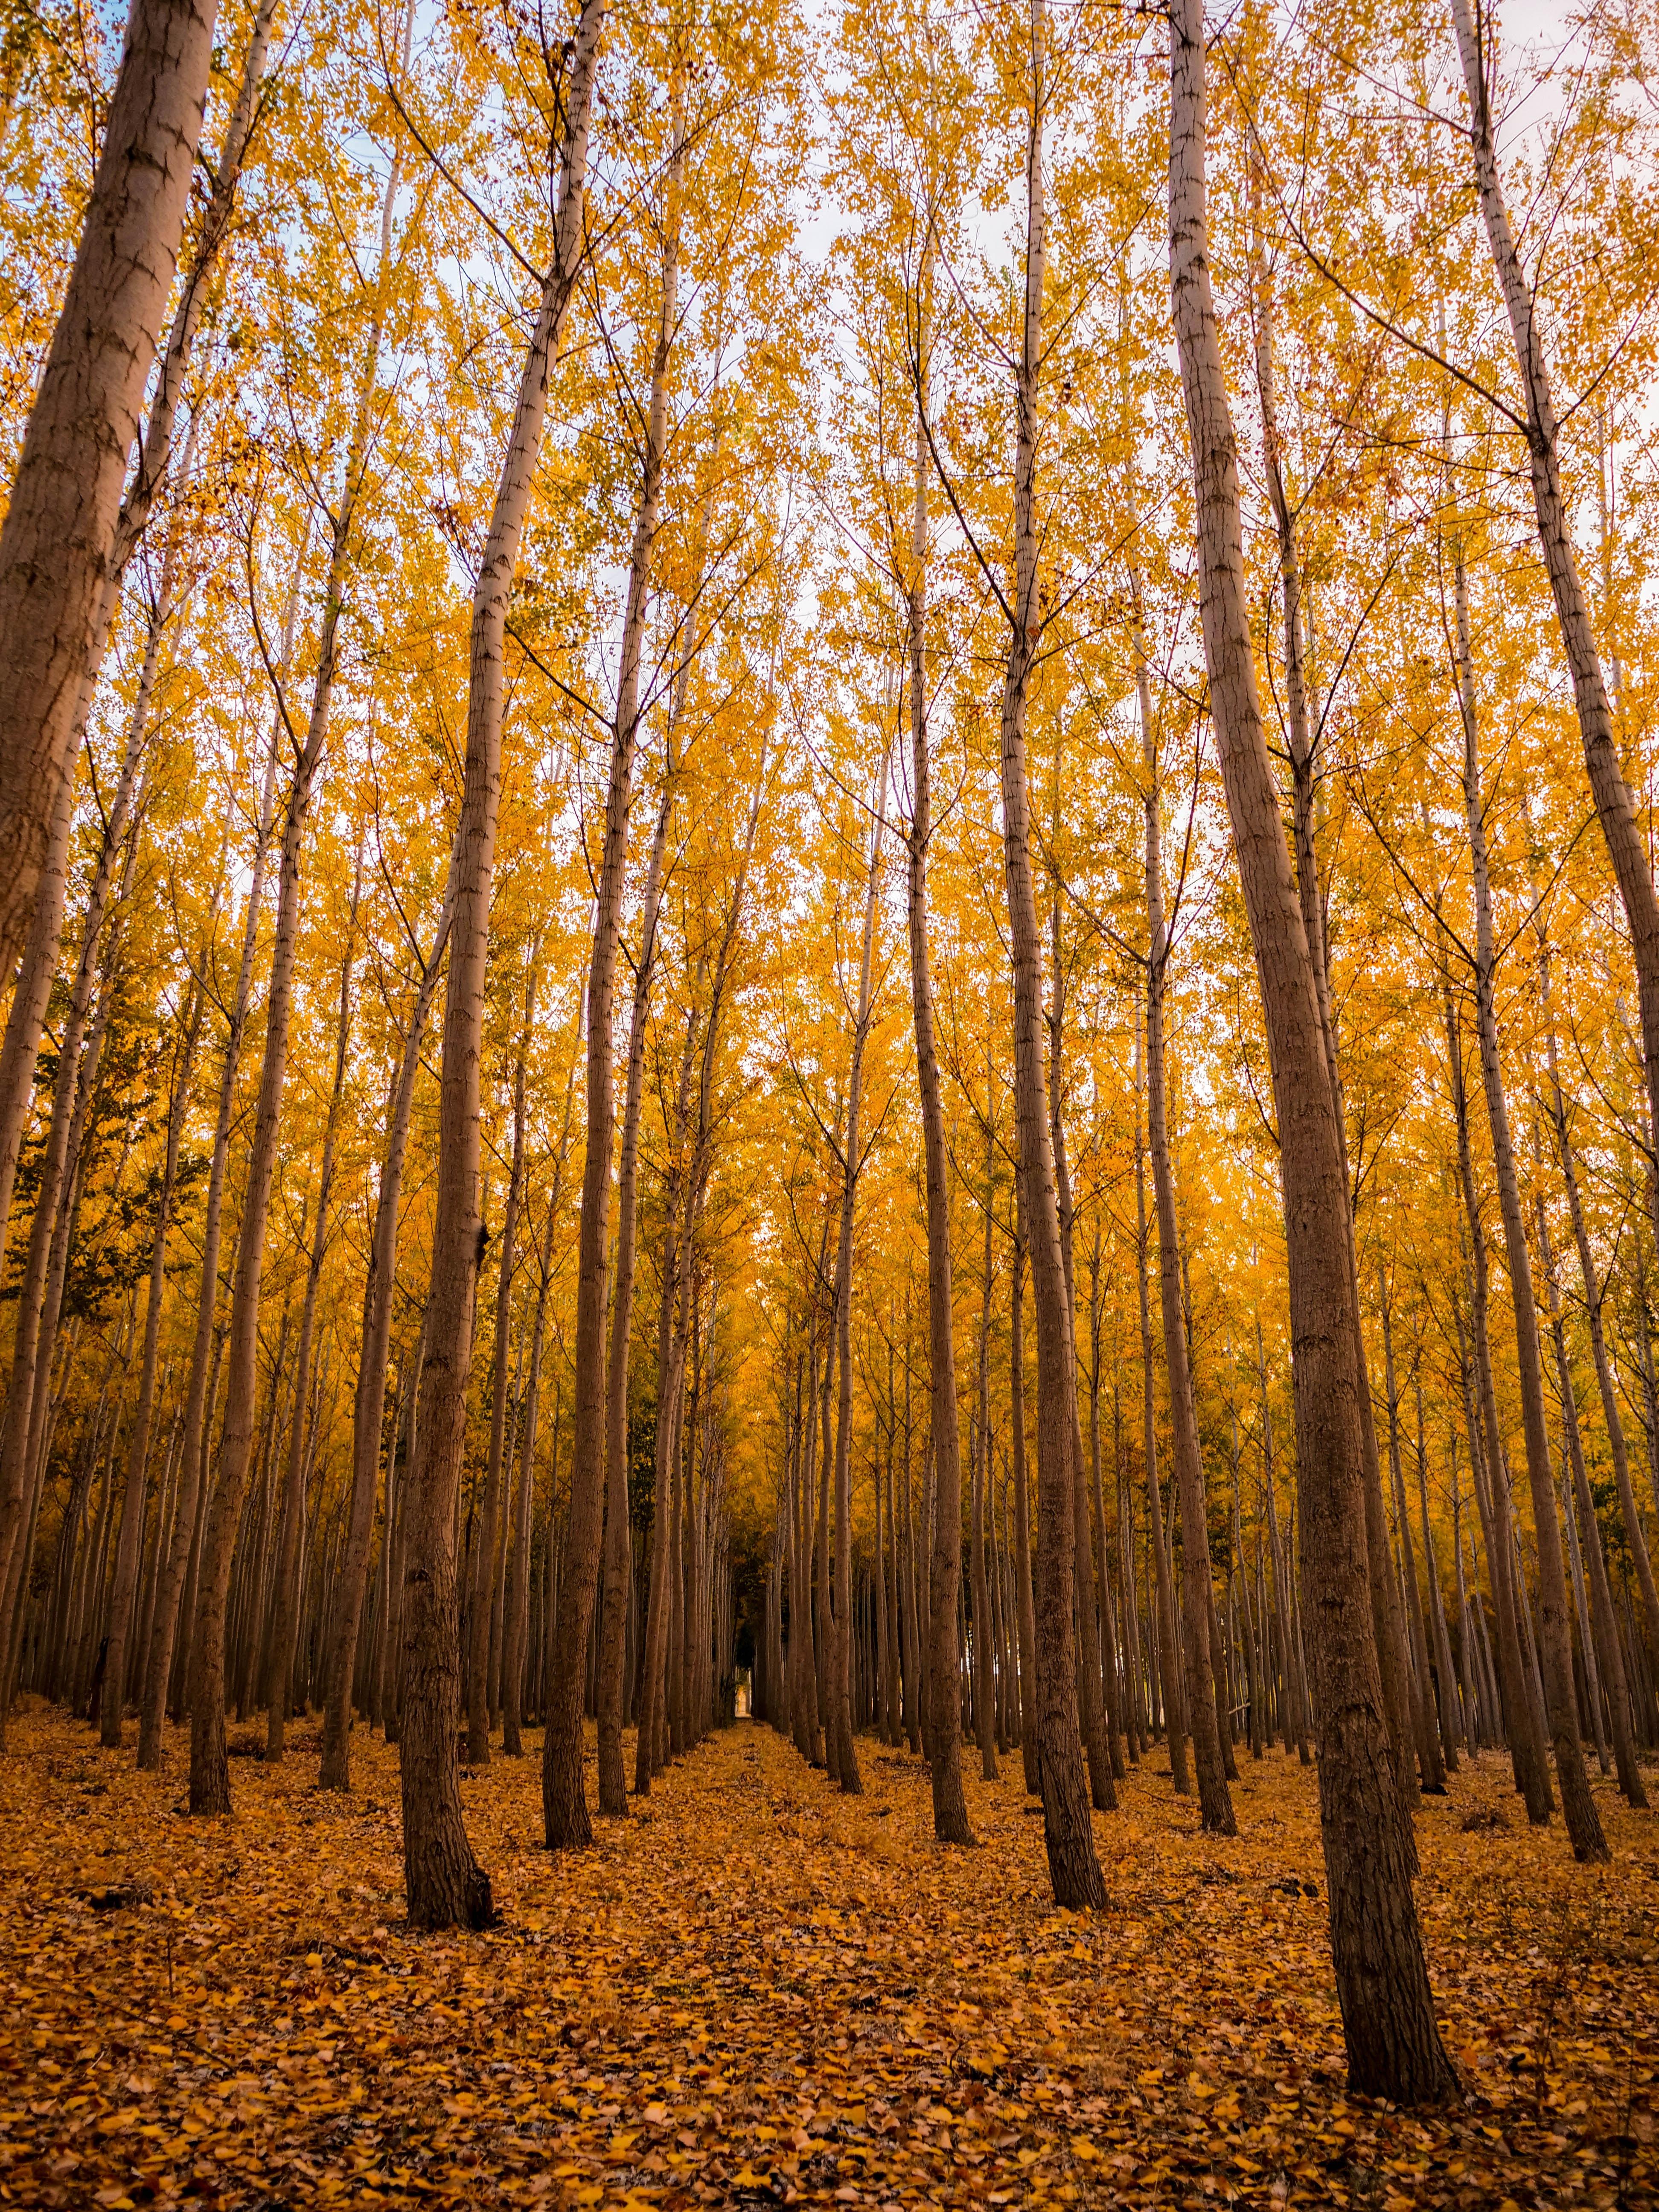 157457 завантажити шпалери Природа, Осінь, Ліс, Листя, Дерева - заставки і картинки безкоштовно